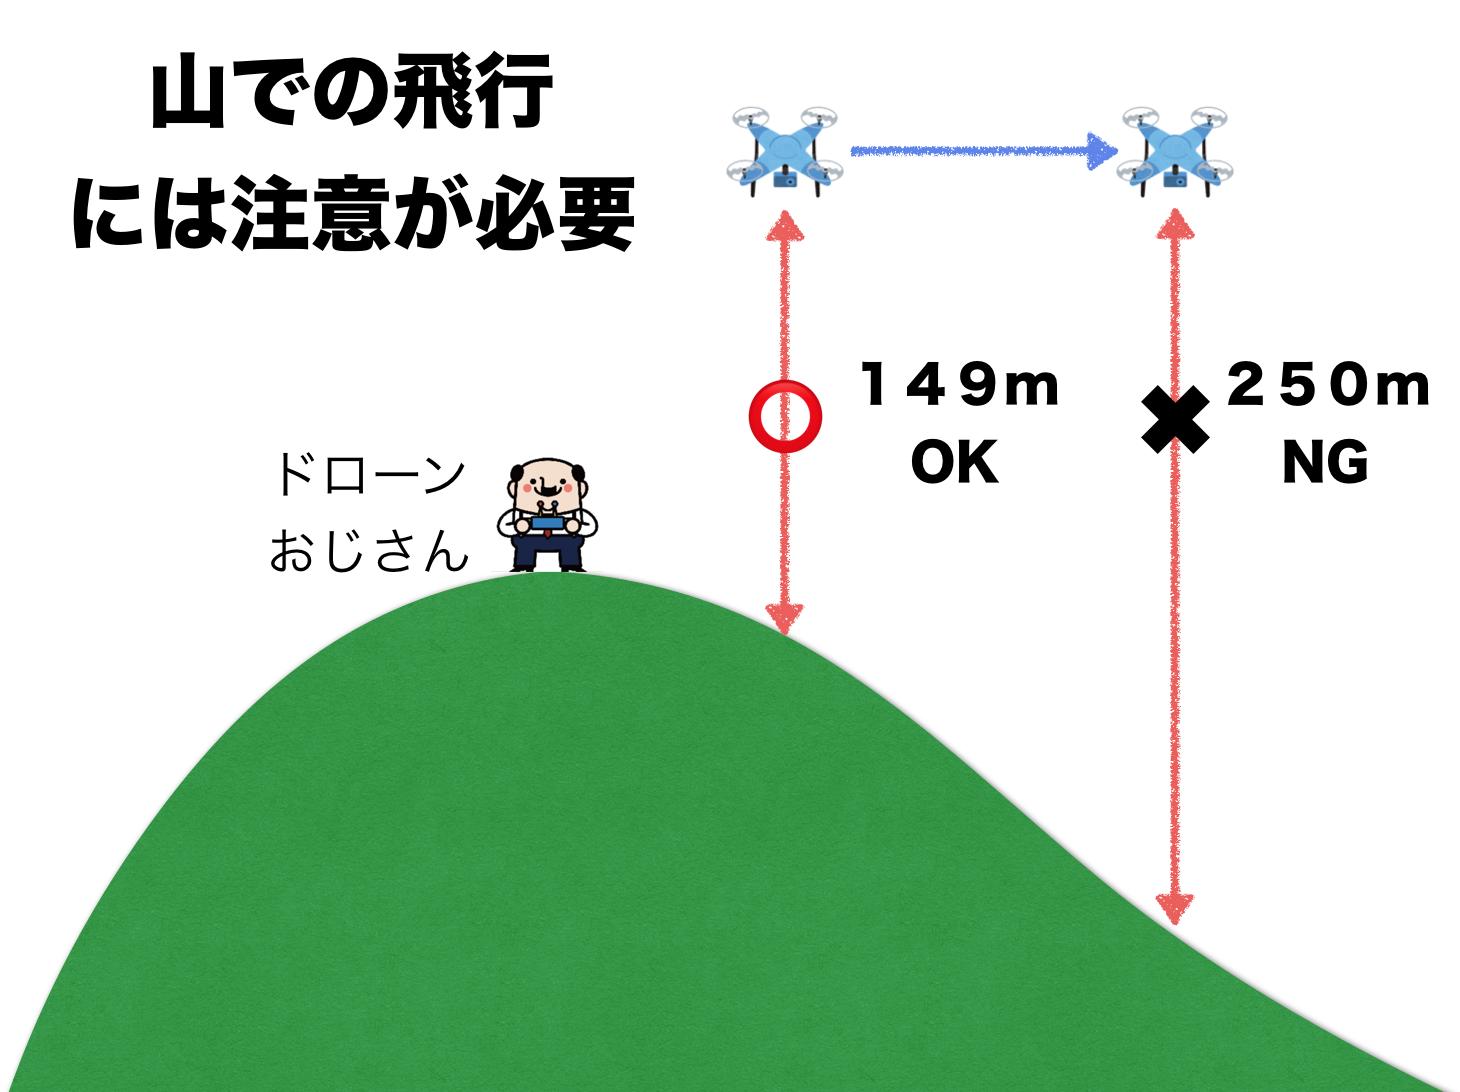 山でドローン空撮する上で知っておきたい3つのポイント(高度・許可・リスク)